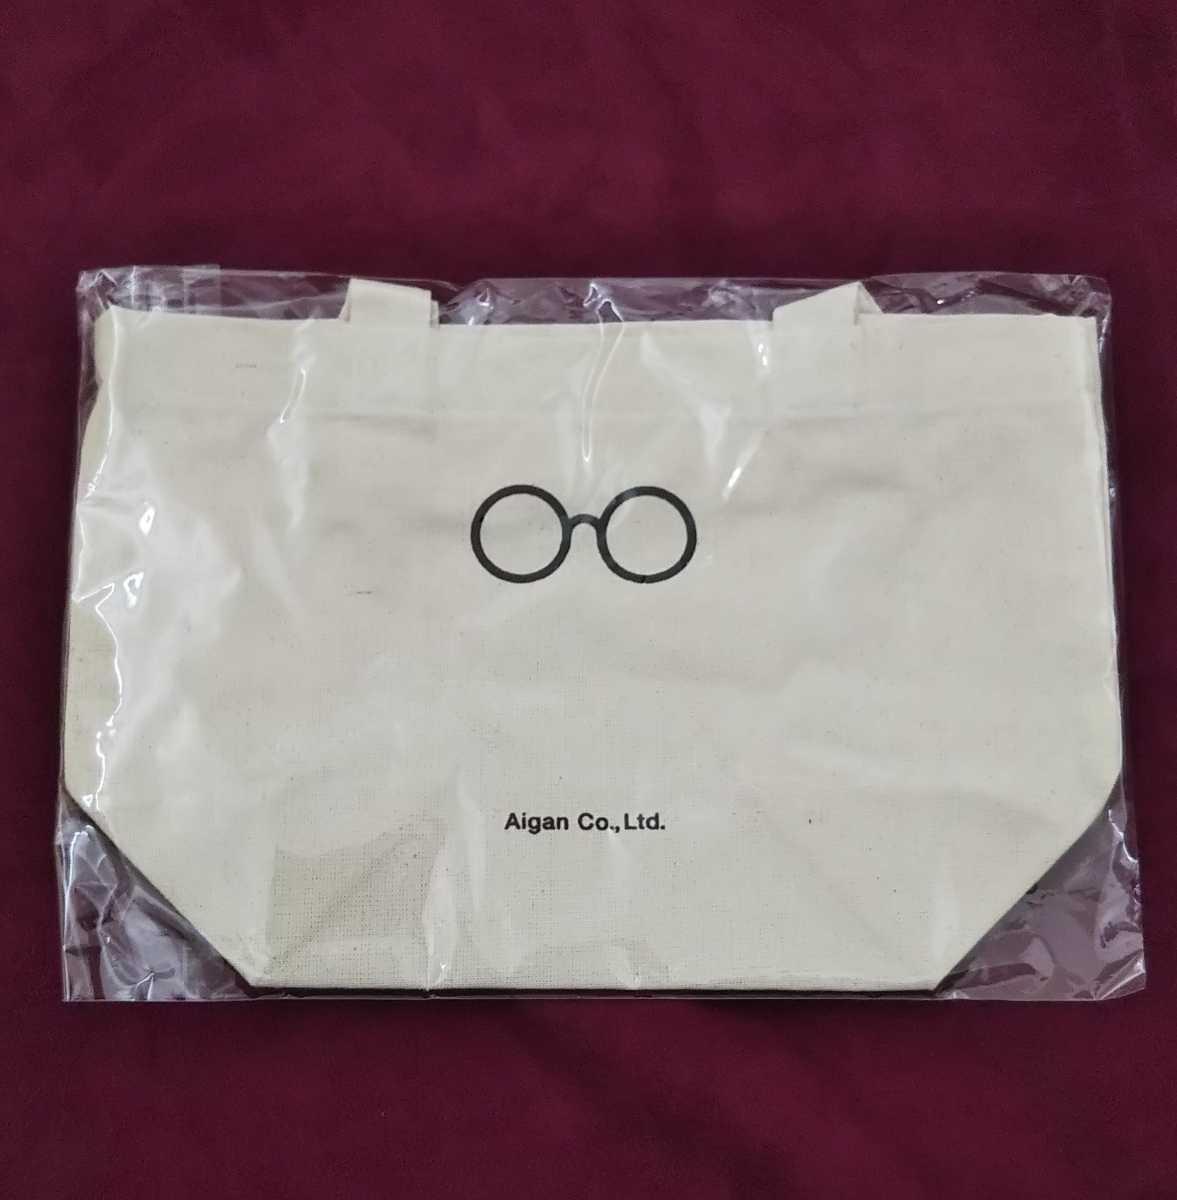 未使用品 WWF ミニトートバッグ & 愛眼 ミニトートバッグ 2枚セット エコバッグ